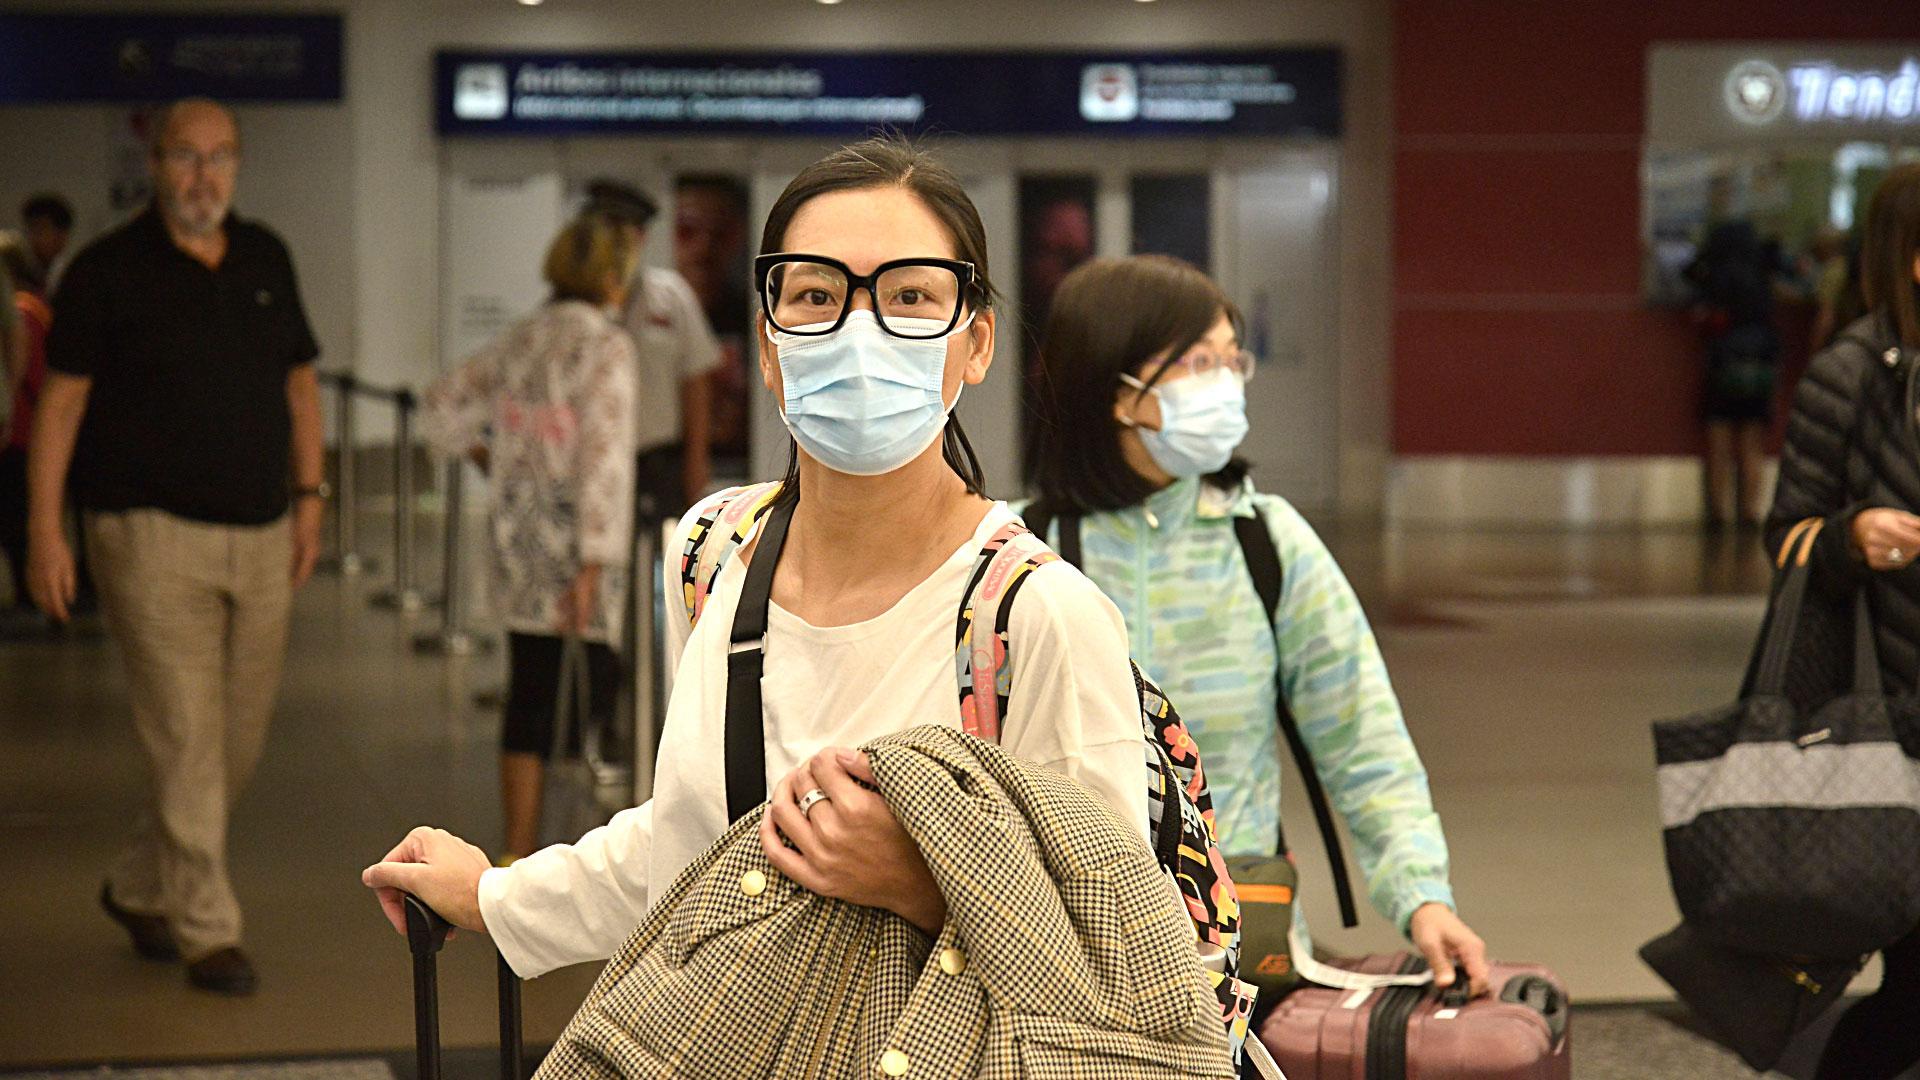 Desde la irrupción del coronavirus, el Ministerio de Salud de la Nación montó un stand en el sector de arribos internacionales para concientizar de los riesgos y prevenir